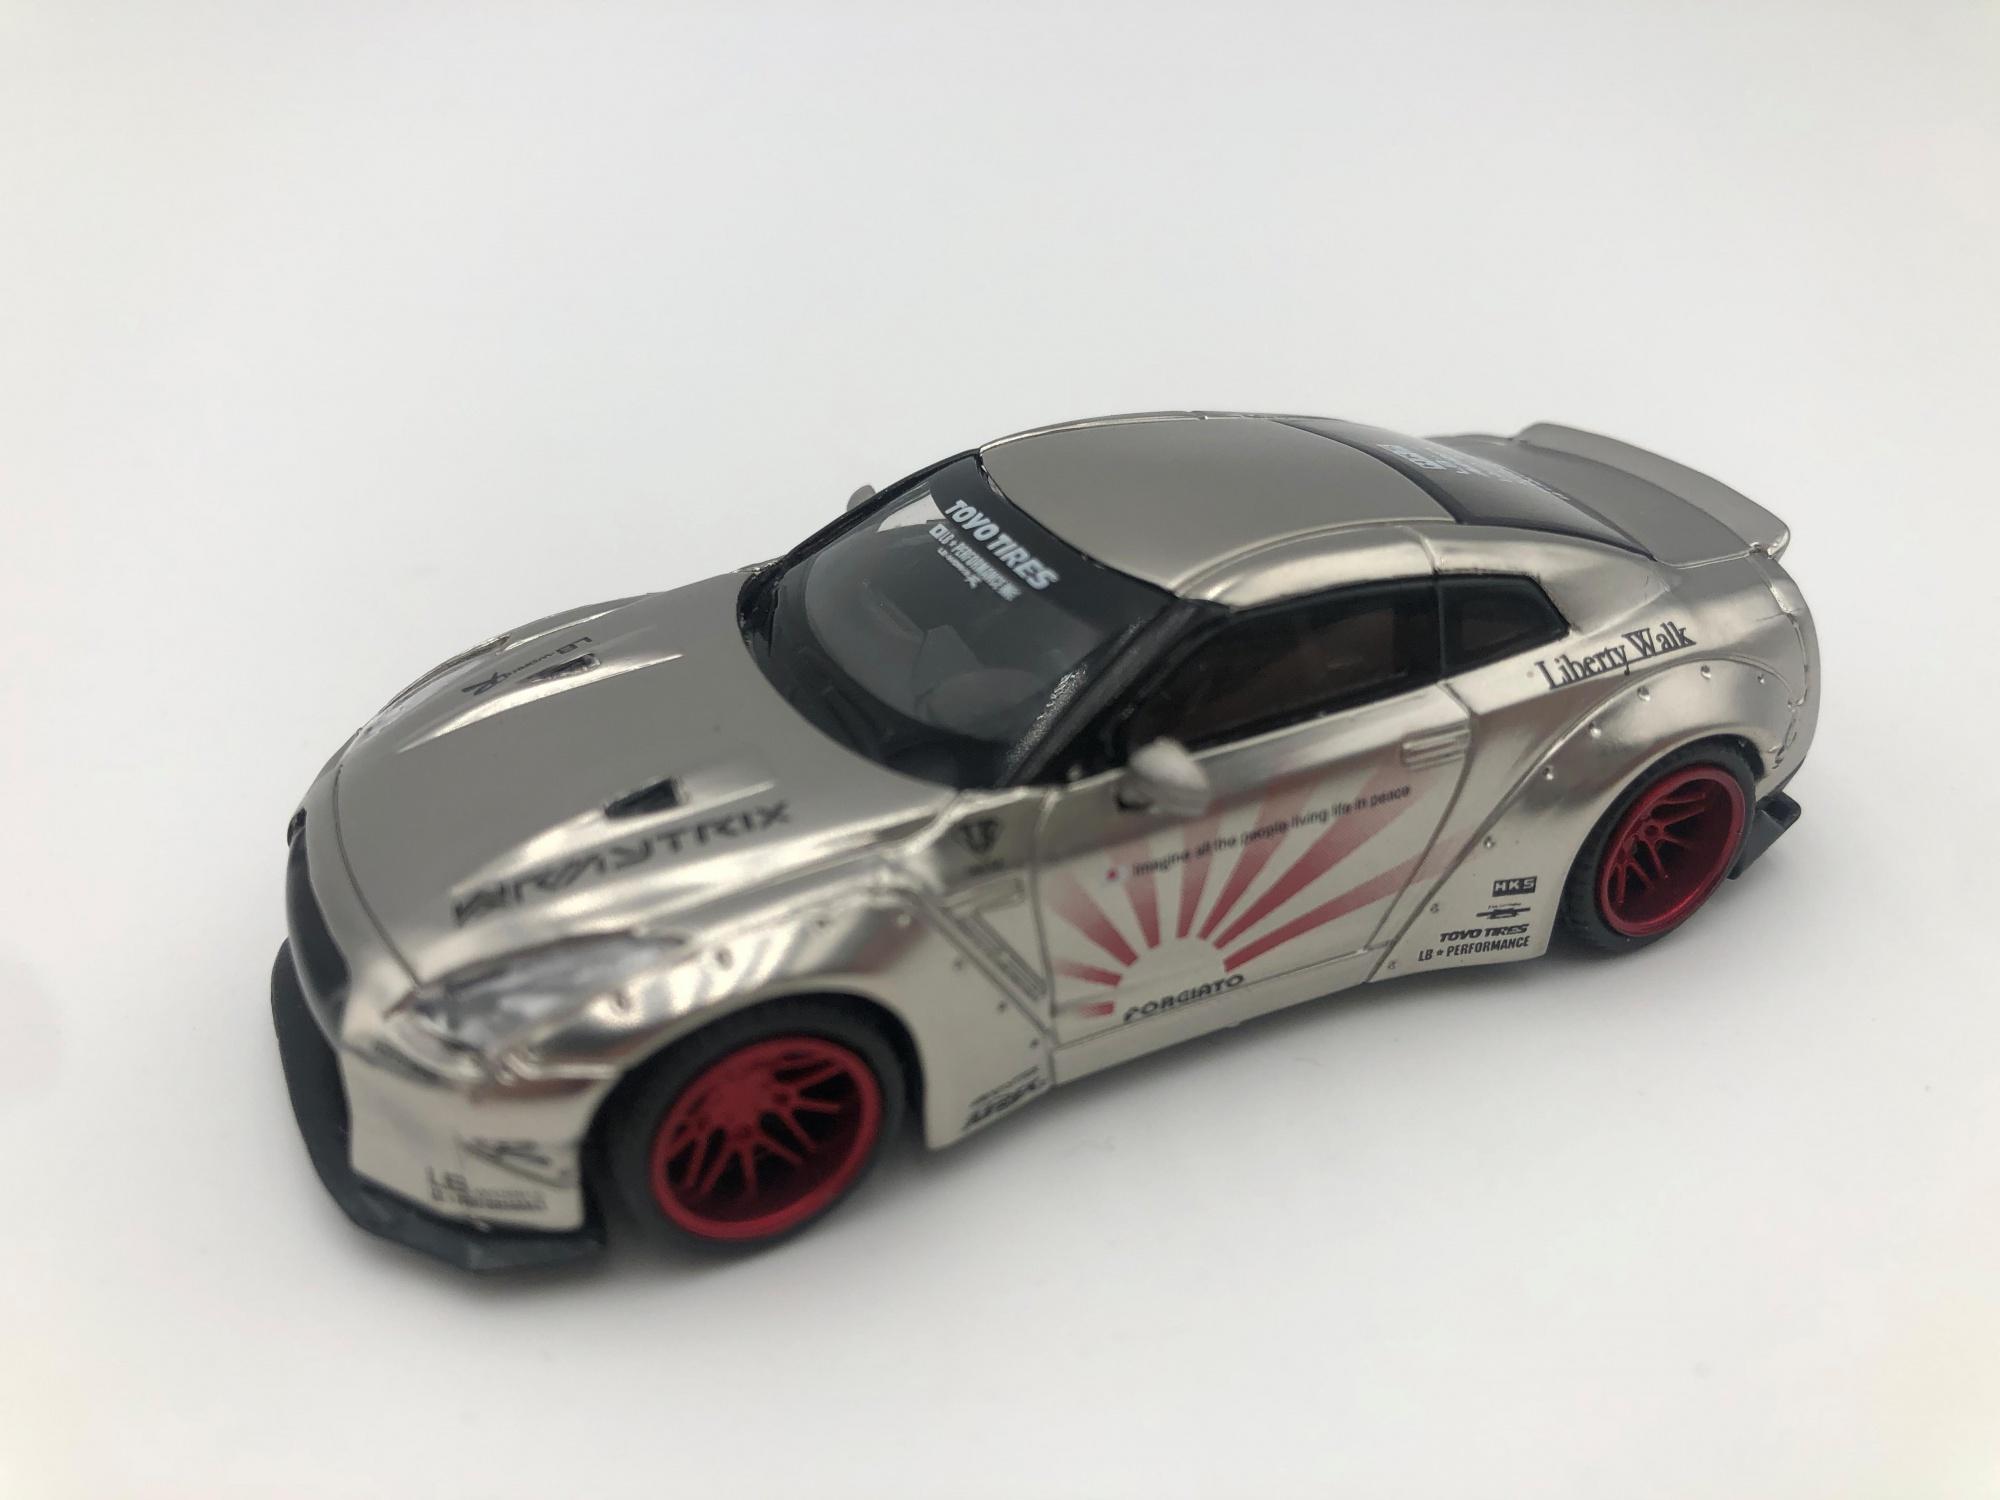 Nissan GTR R35 Type 1 Rear Wing